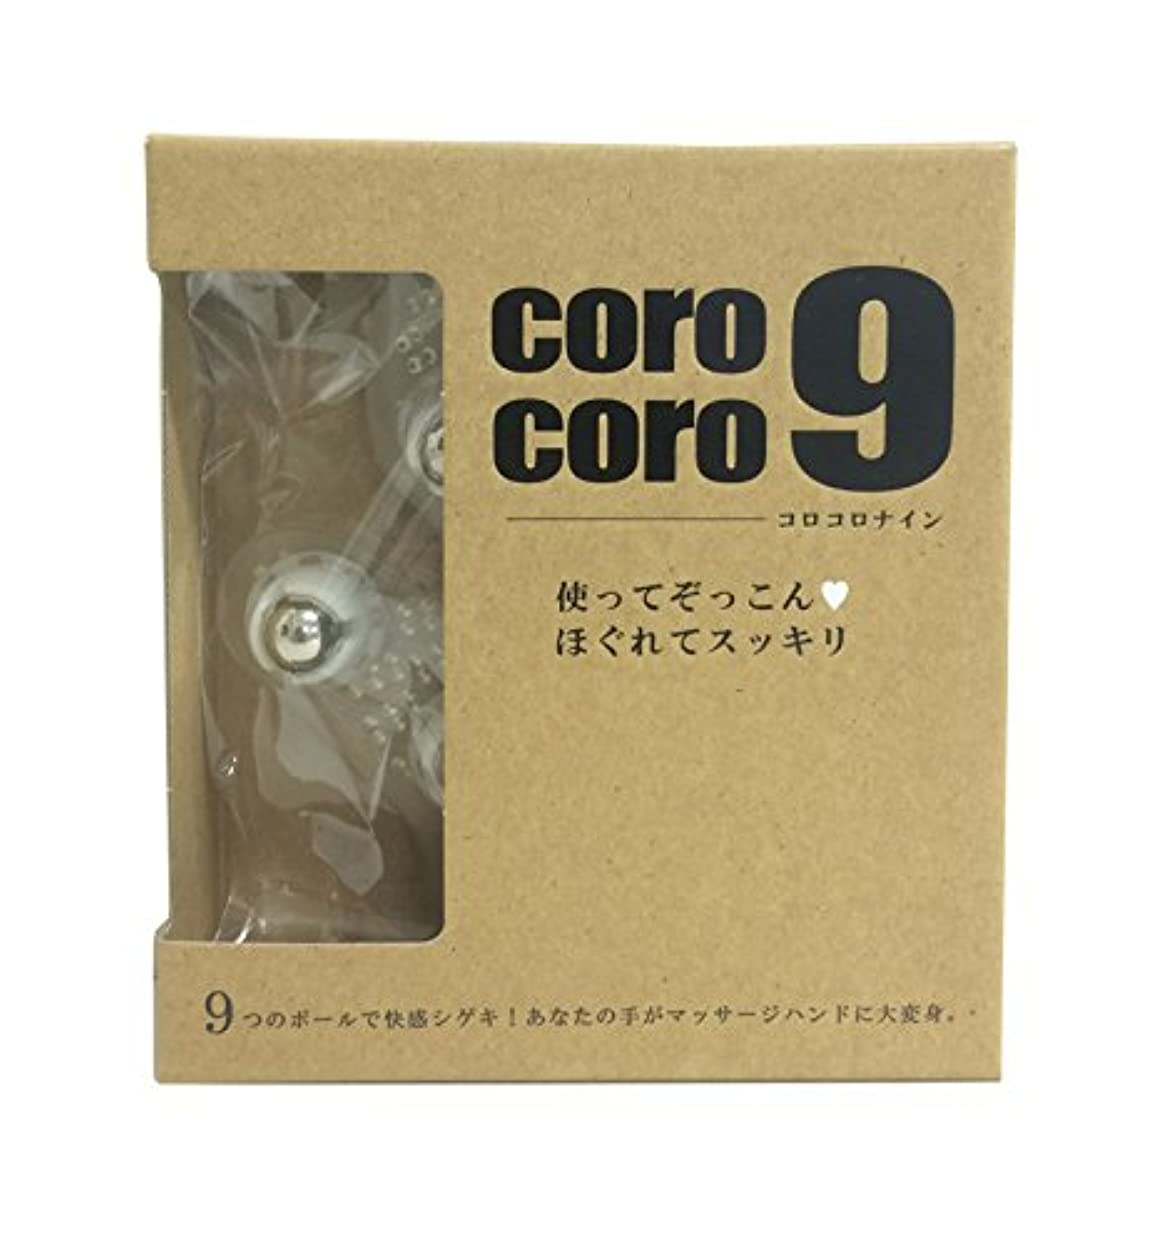 テロリスト意見不当Reシリーズ CoroCoro9 クリア